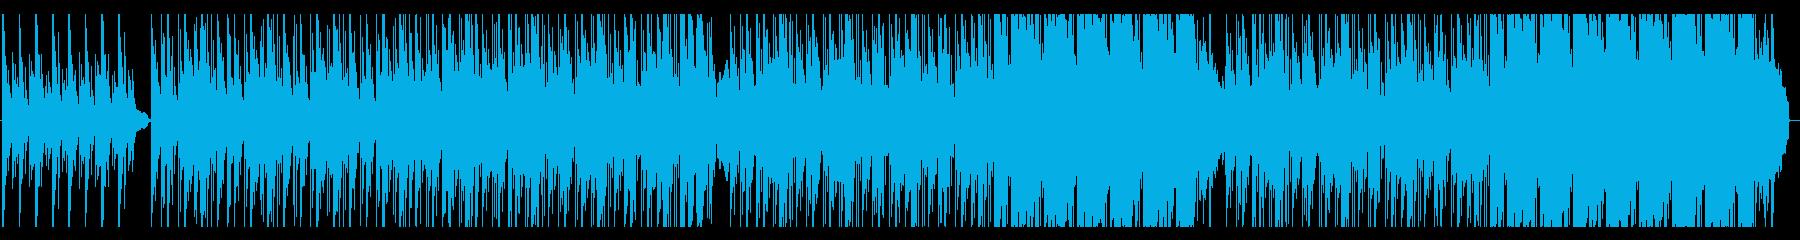 ピアノ・悲しげ・寂しげ・ヒップホップの再生済みの波形